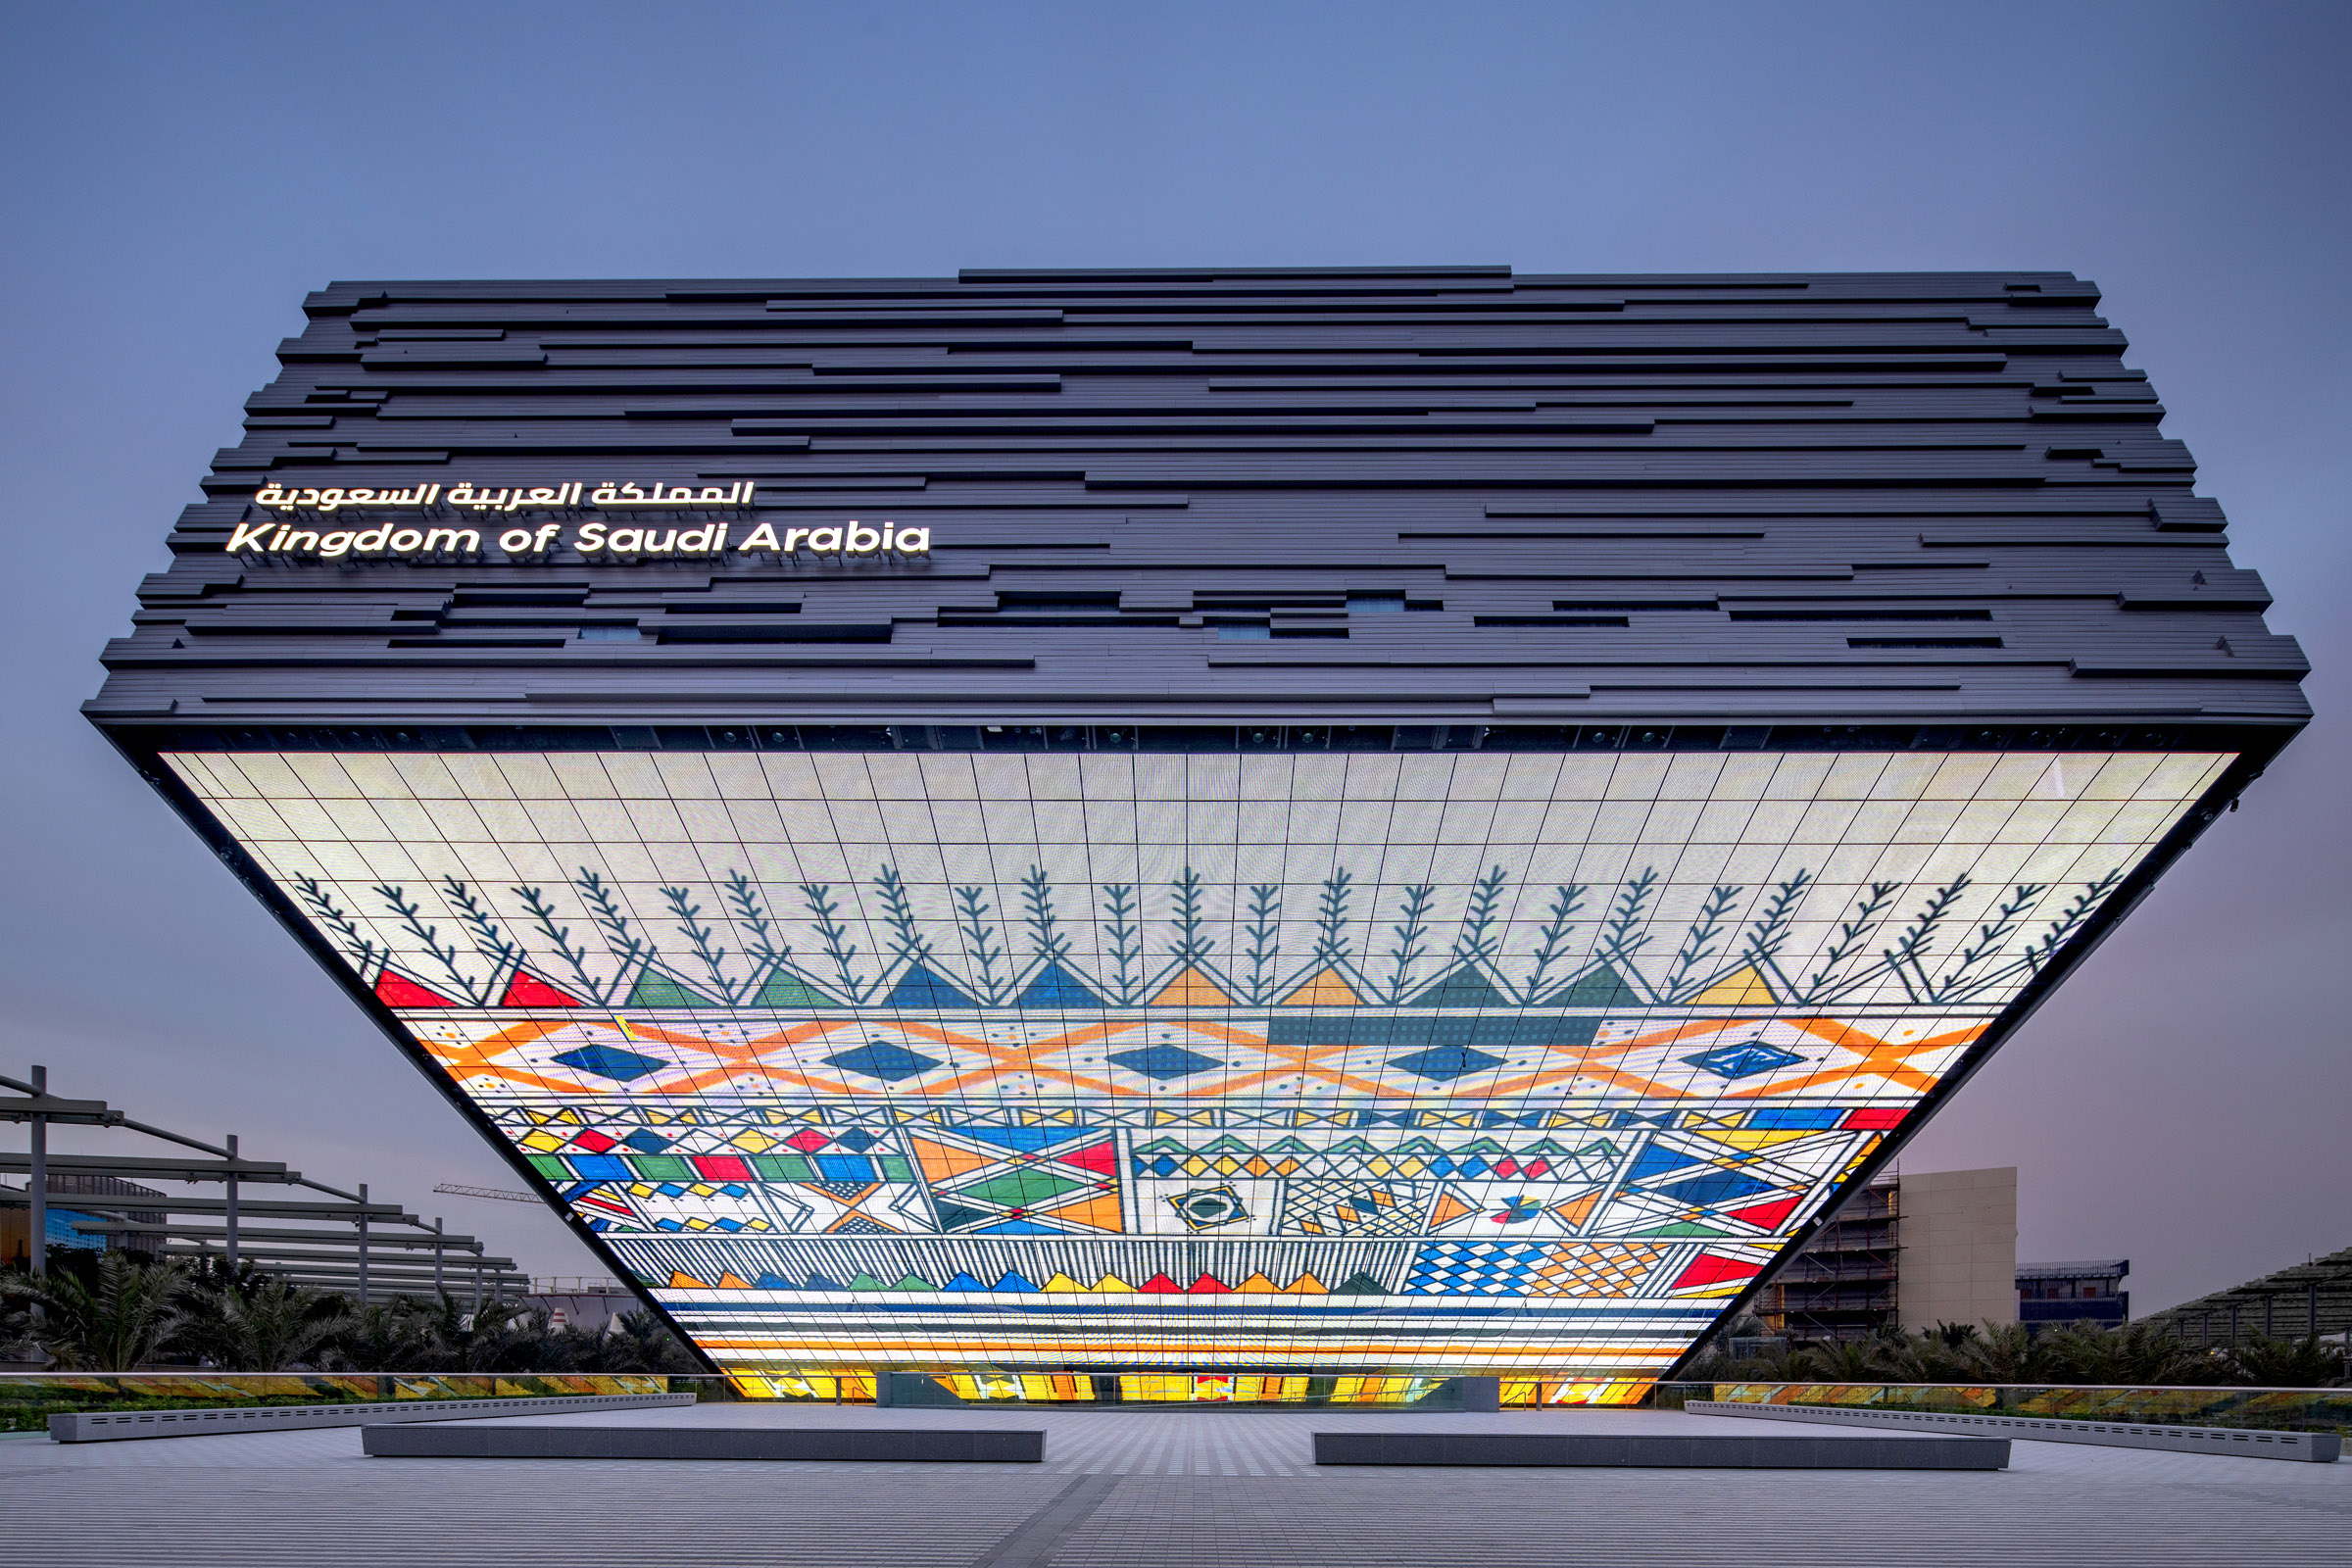 The Kingdom of Saudi Arabia Pavilion at Expo 2020 Dubai